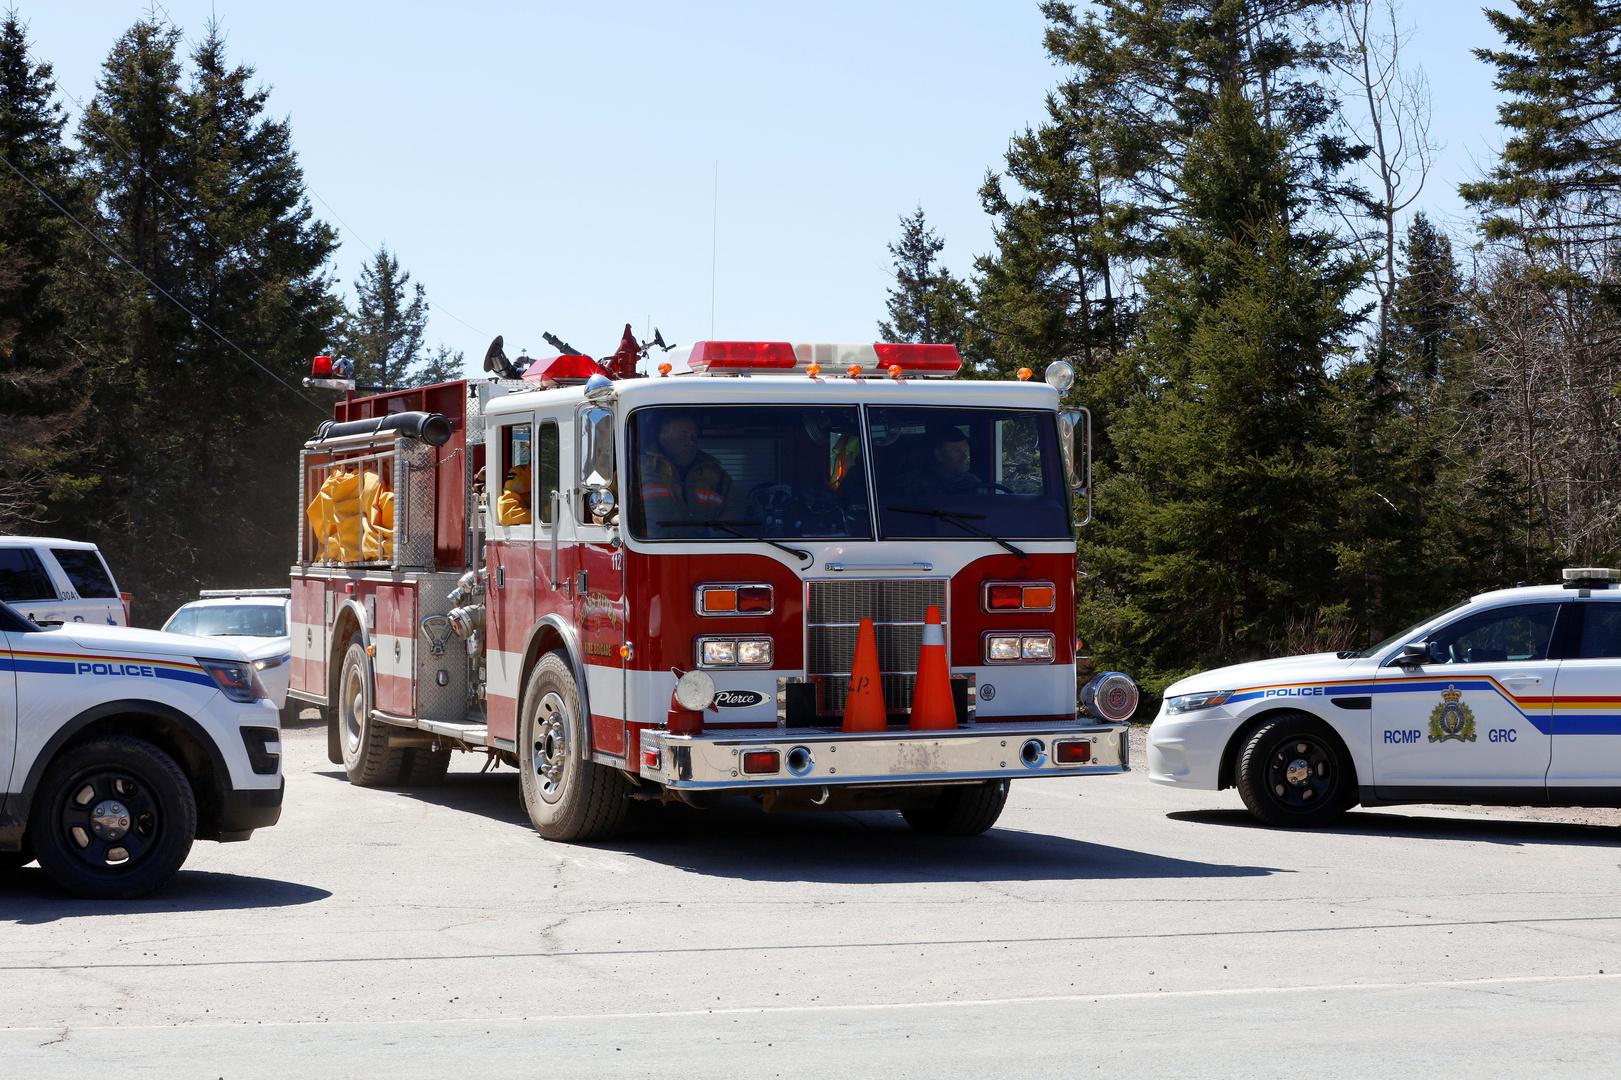 مصرع 7 أشخاص بينهم 4 أطفال من عائلتين مسلمتين جراء حريق في كندا